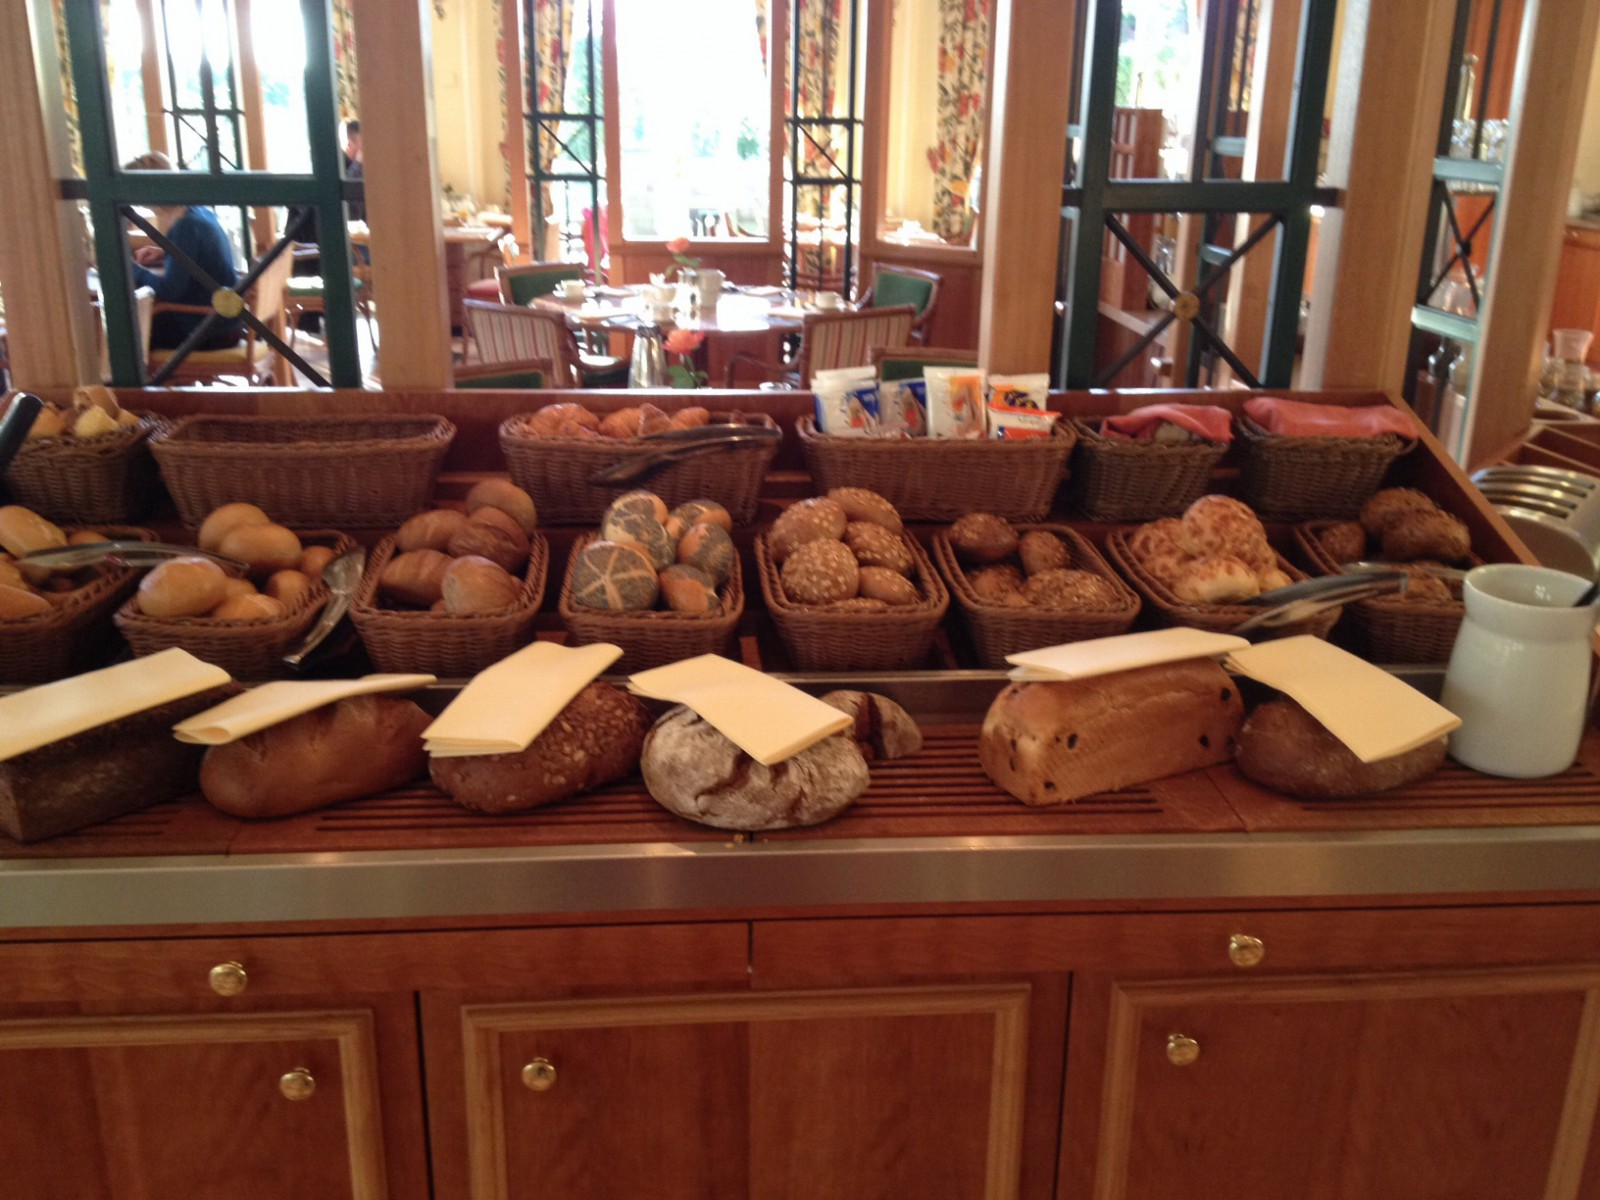 Große Brot- und Brötchenauswahl zum Frühstück